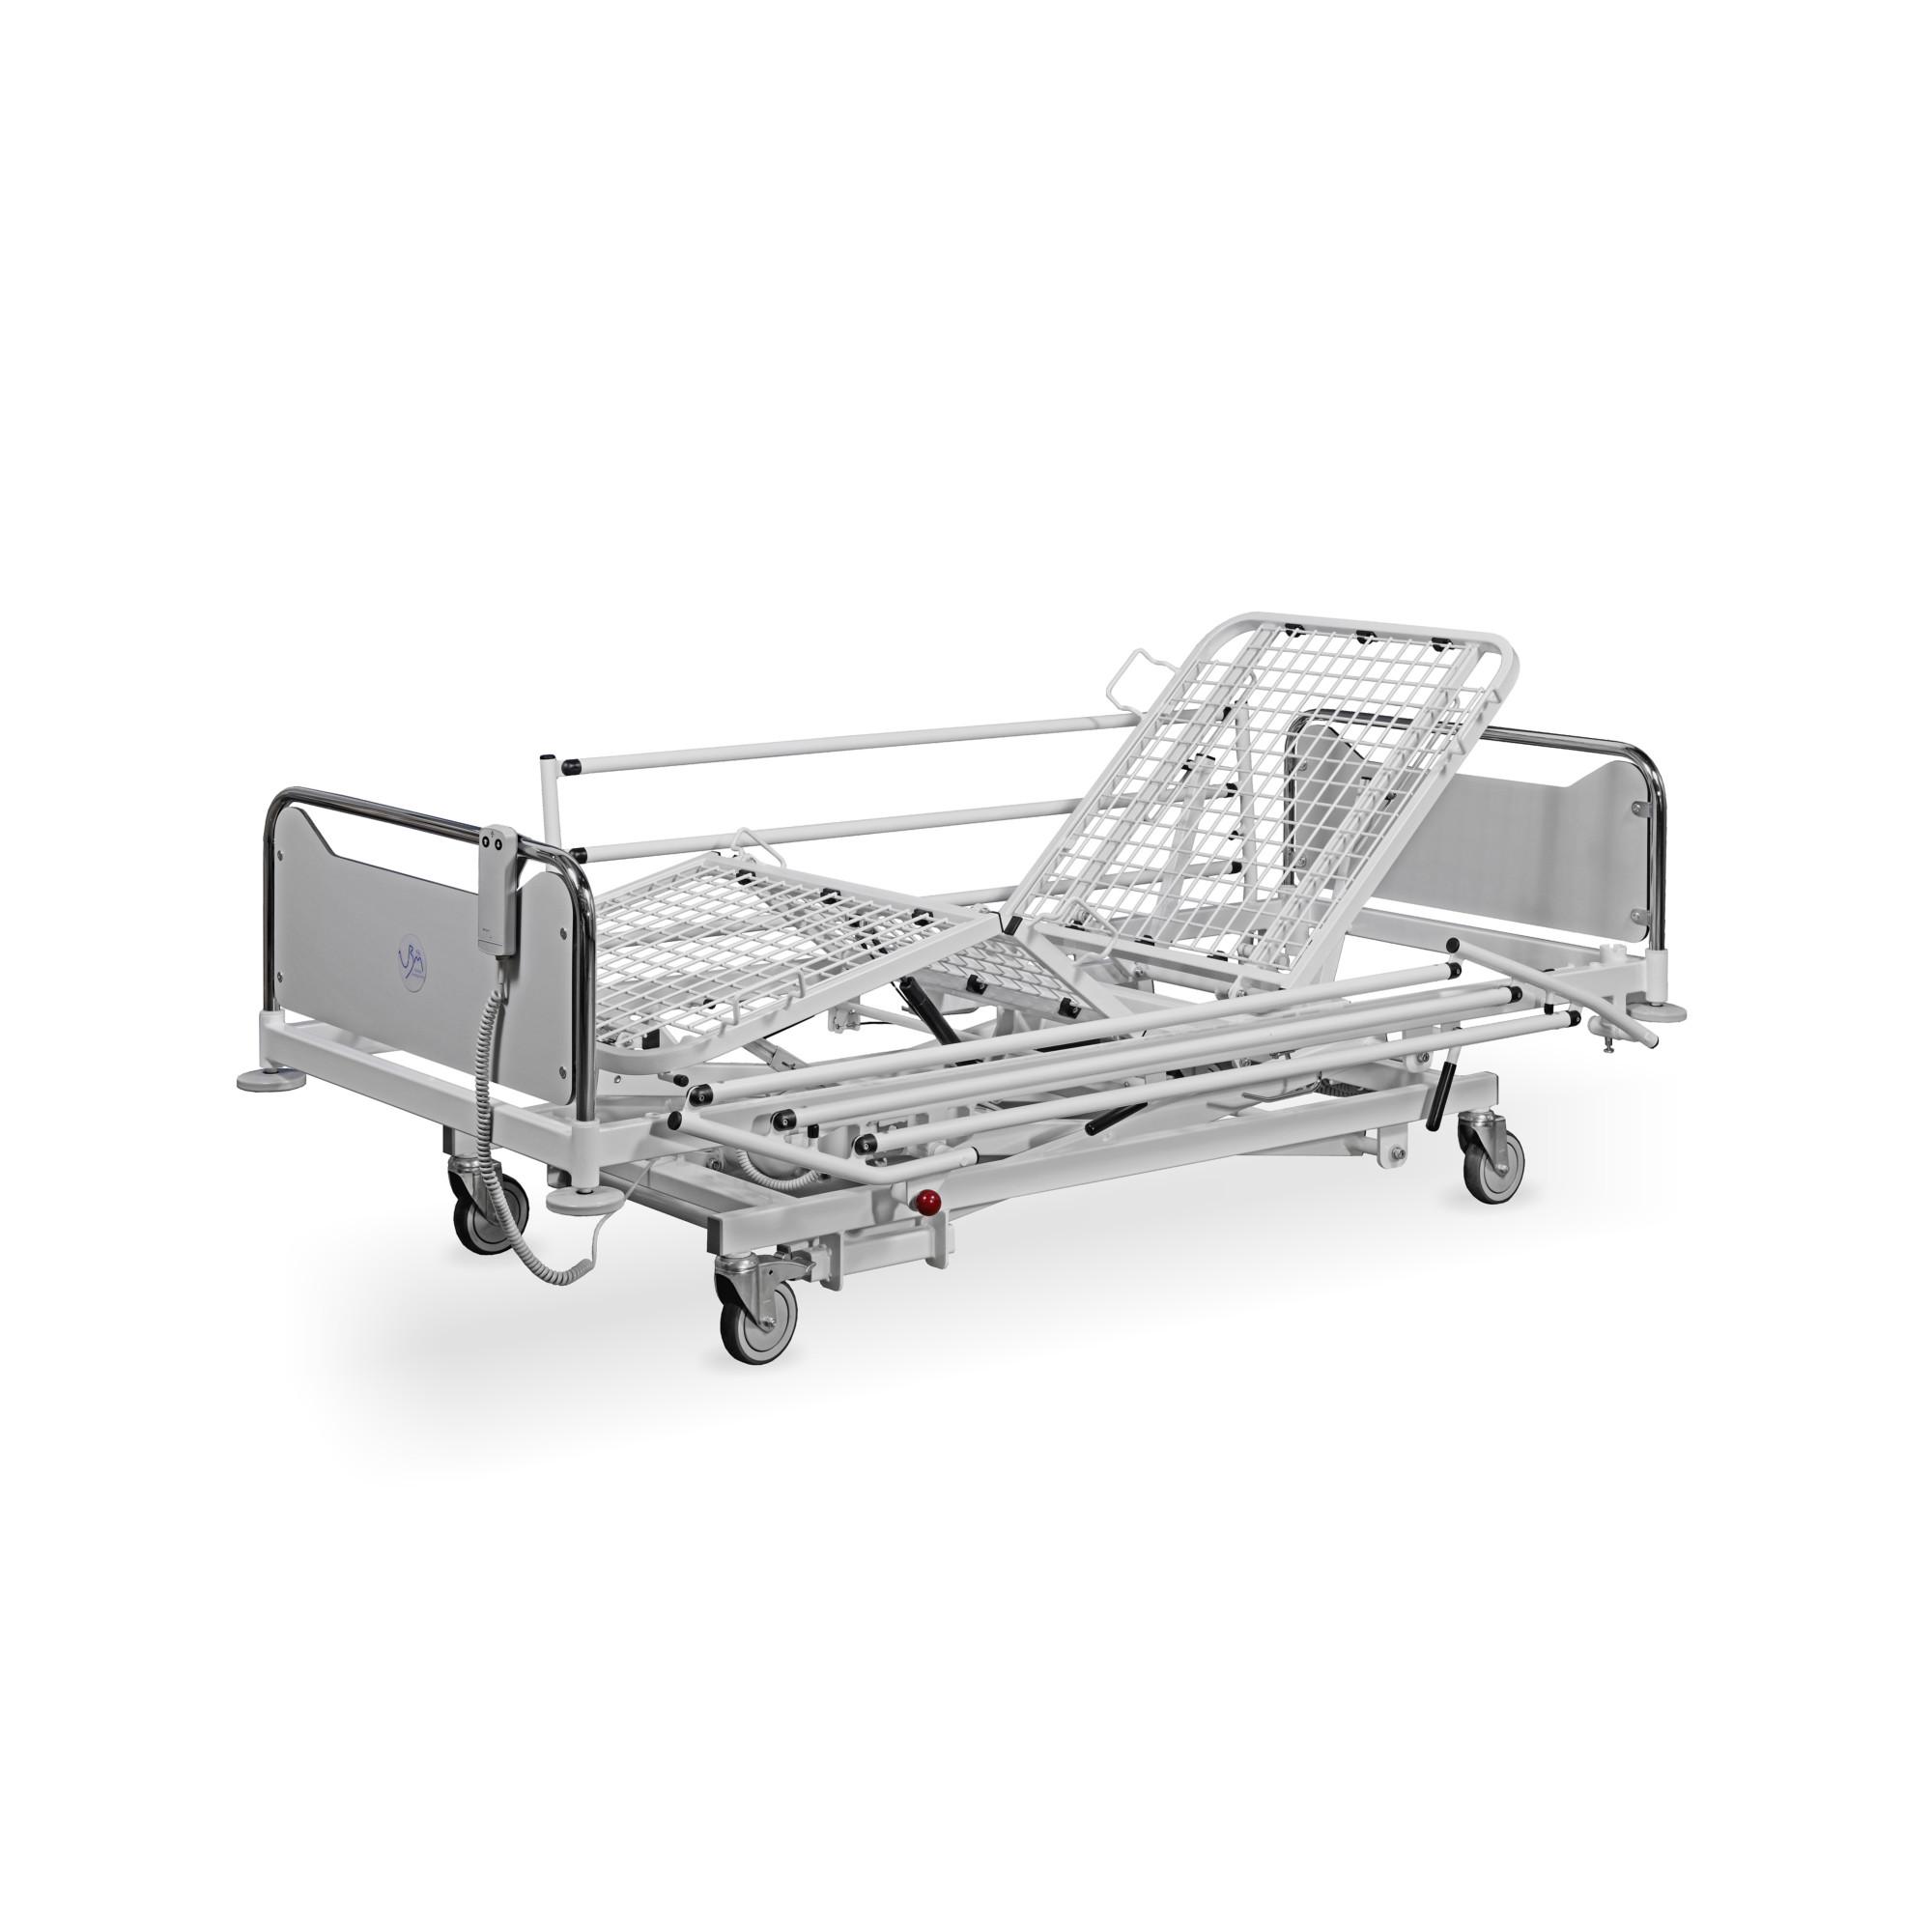 Lore Multi łóżko Rehabilitacyjne Elektryczne Szpitalne